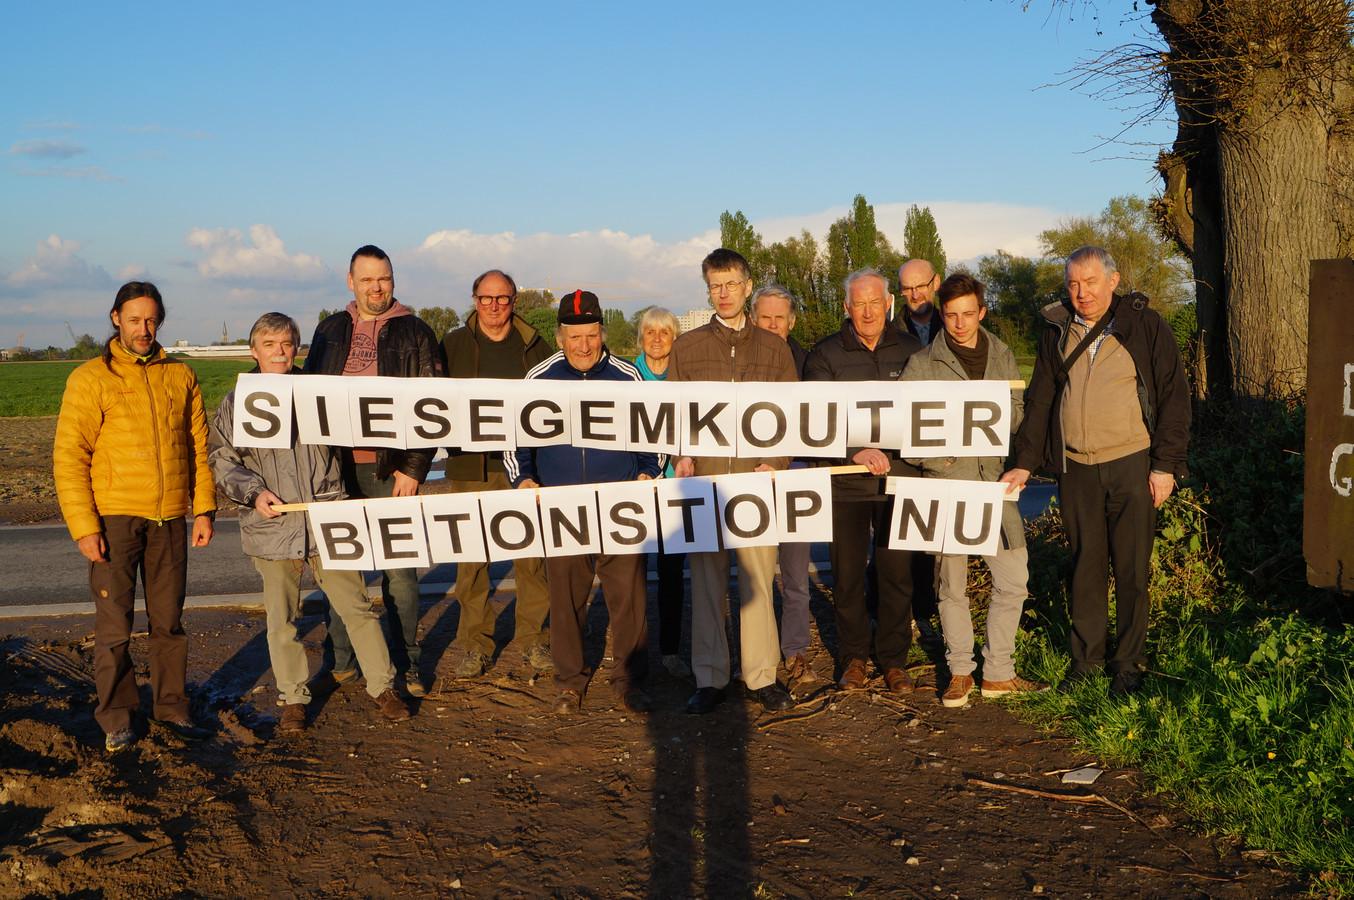 Het actiecomité tegen het bedrijventerrein op de Siesegemkouter.